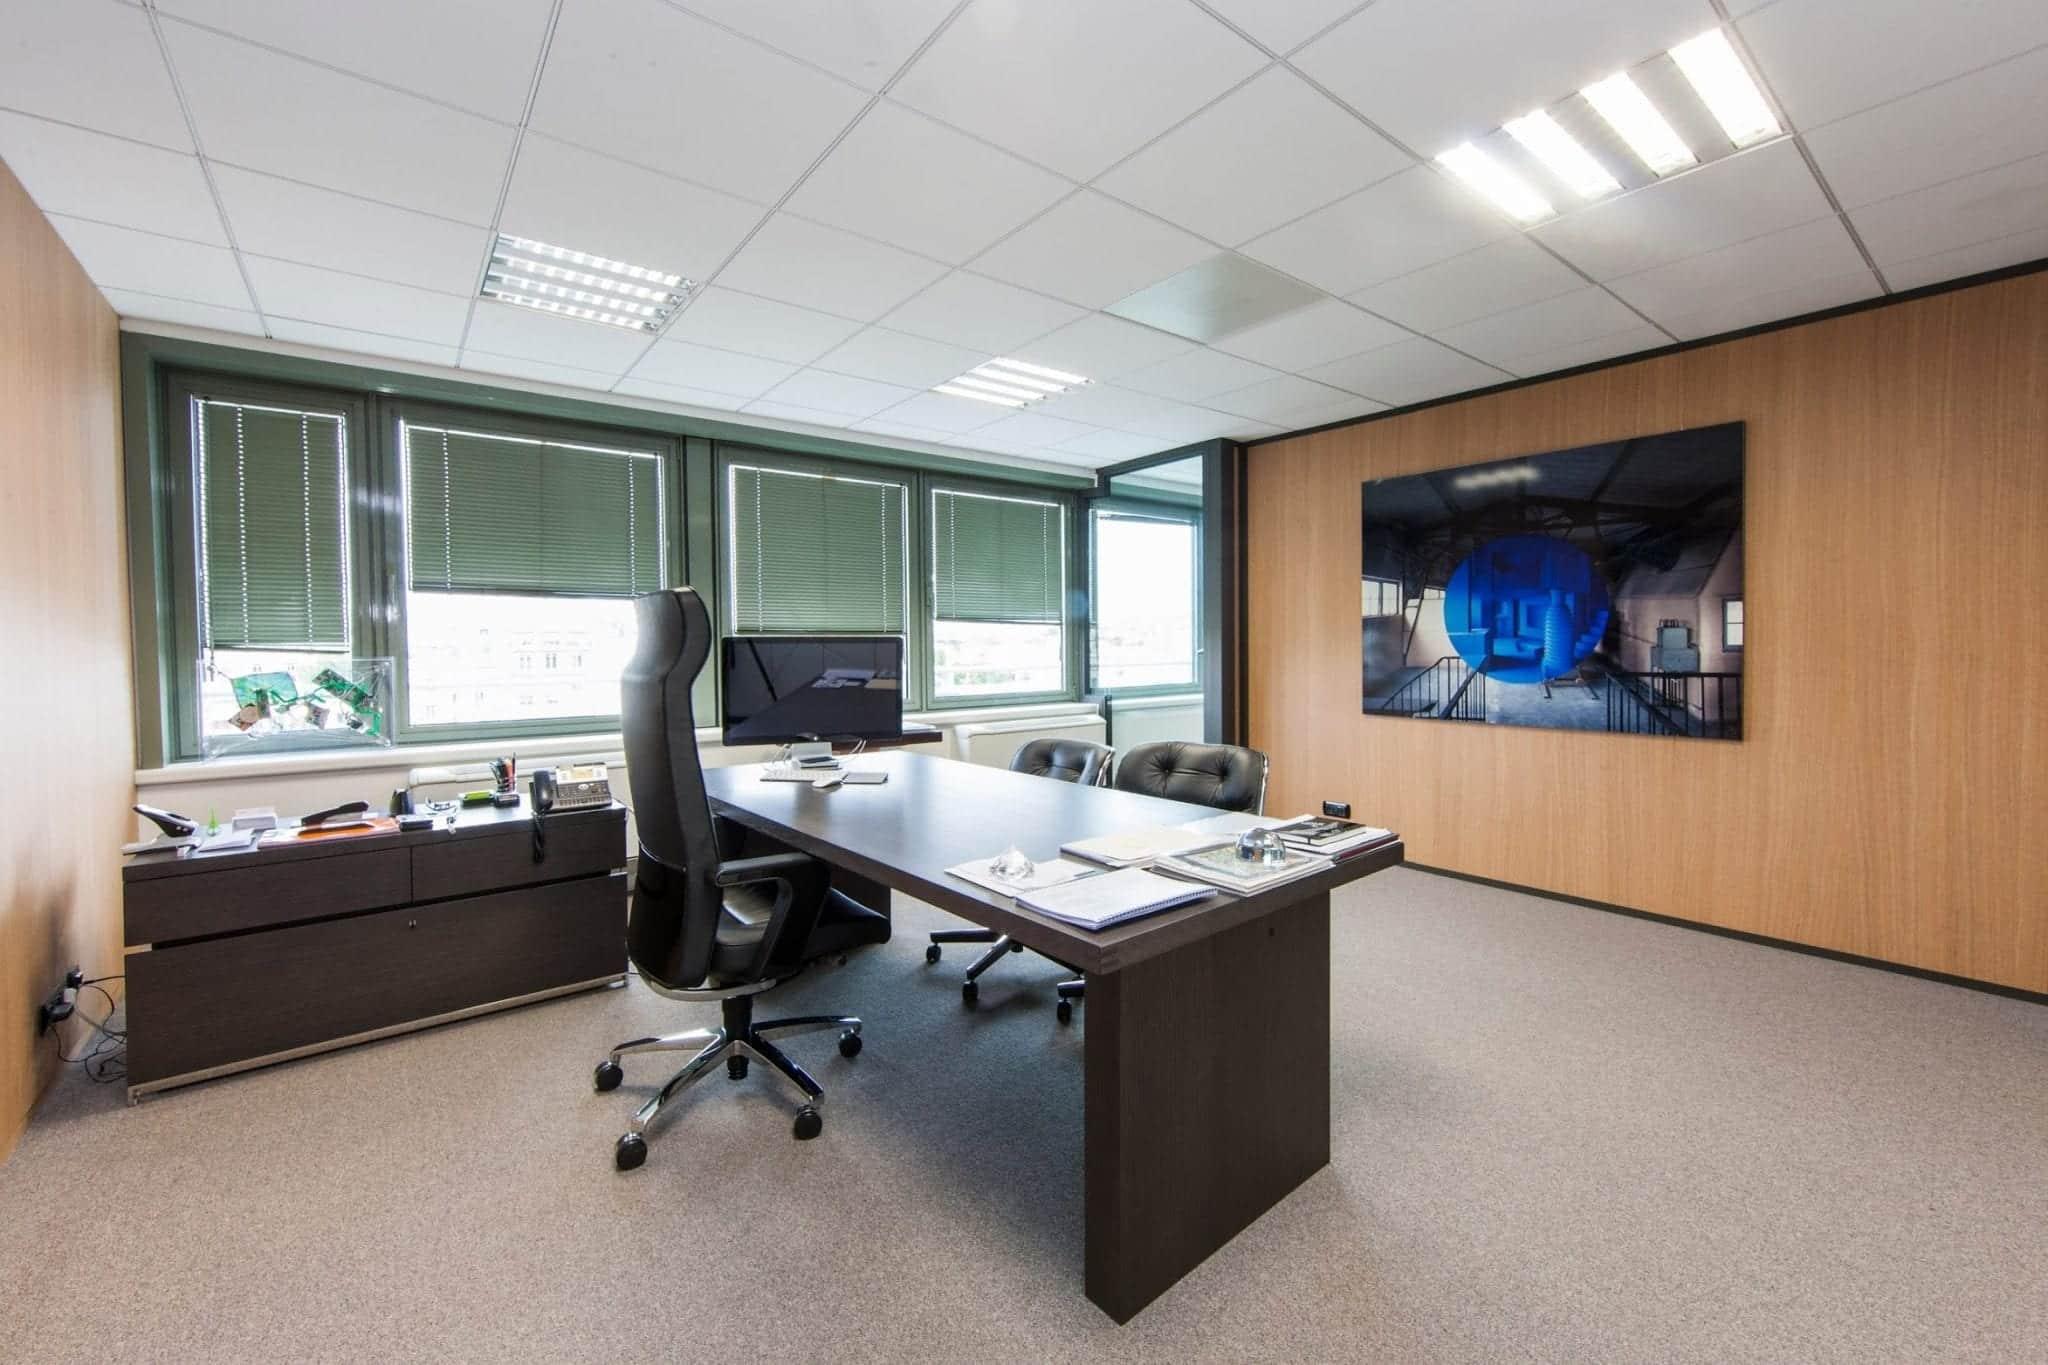 Isolation phonique dans les bureaux kytom - Isolation phonique bureau ...